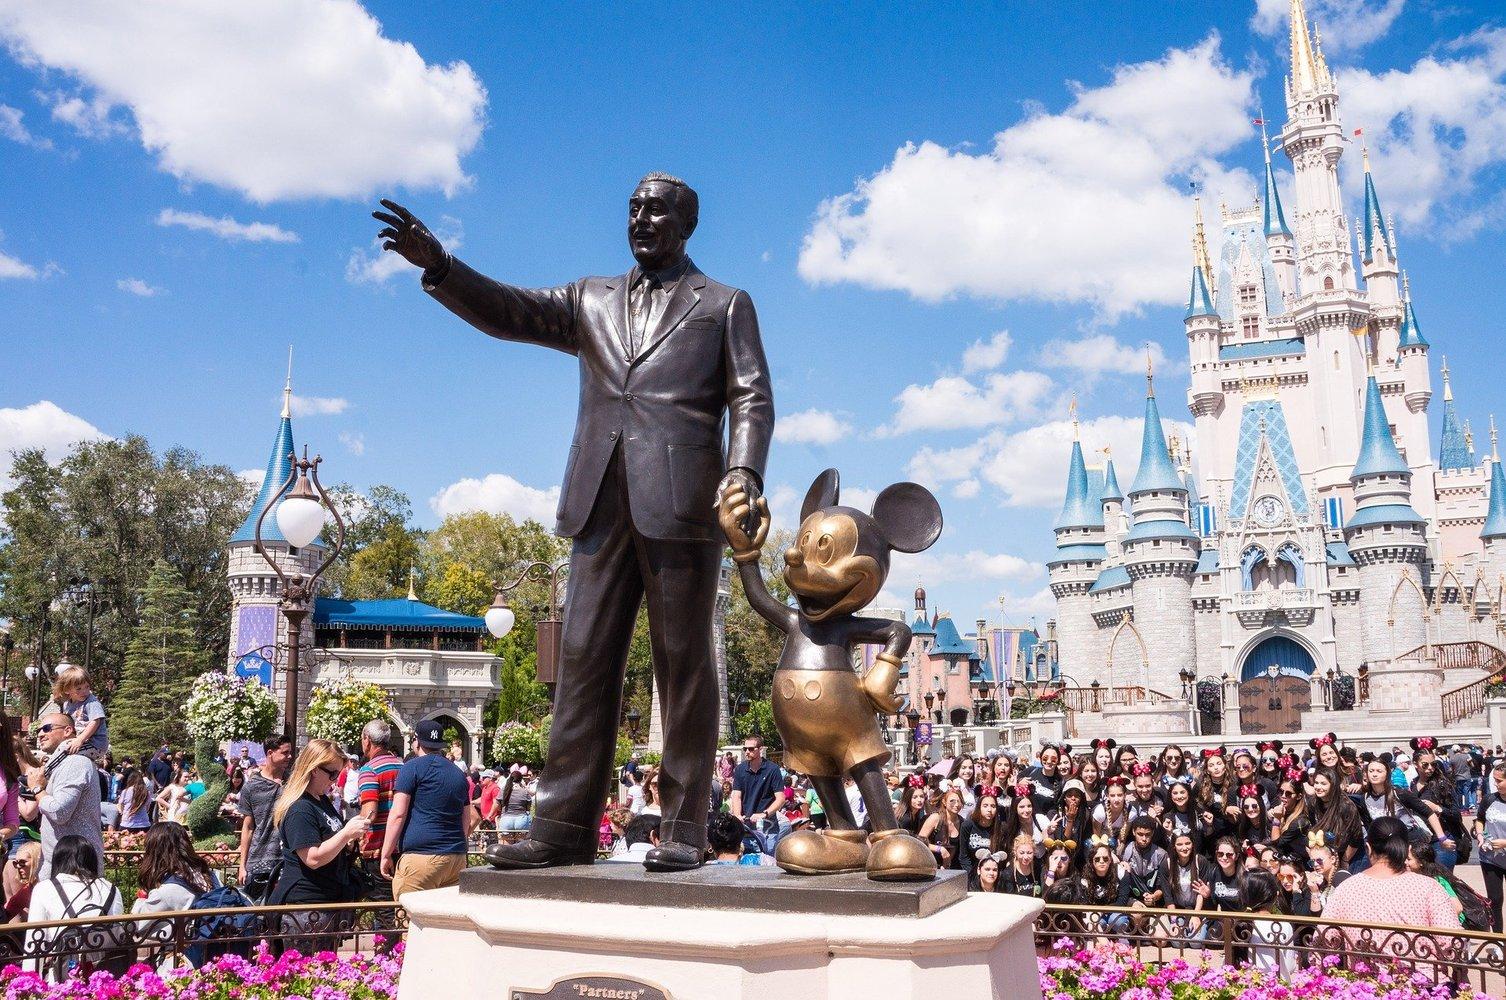 Image of Walt Disney World Orlando Florida